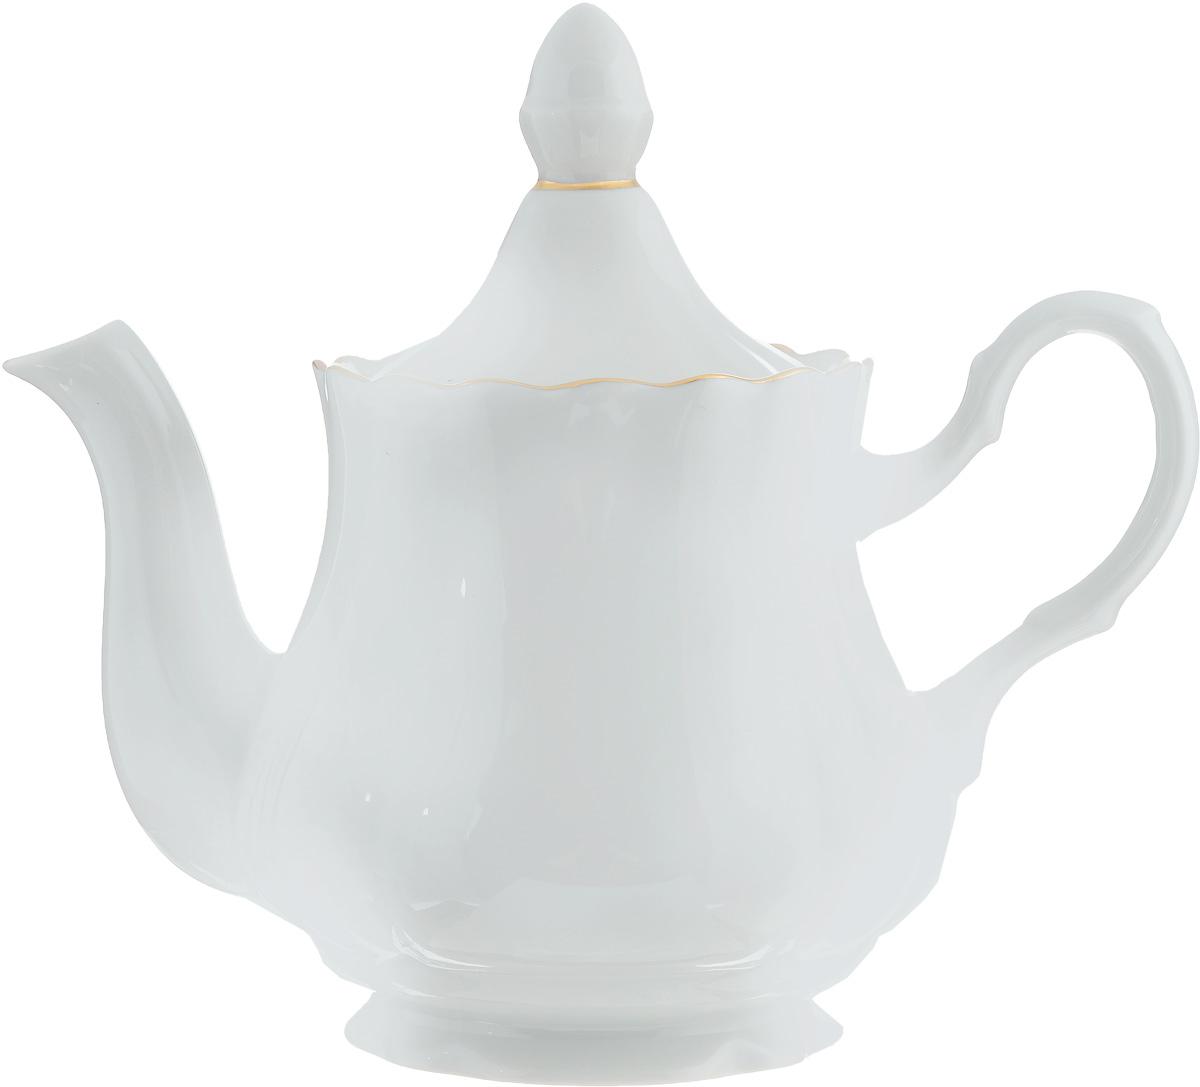 Чайник заварочный Романс, 800 мл115510Заварочный чайник Романс выполнен из высококачественного фарфора и покрыт сверкающей глазурью. Изделие оснащено крышкой. Заварочный чайник Романс придется по вкусу и ценителям классики, и тем, кто предпочитает утонченность и изысканность.Диаметр (по верхнему краю): 9,5 см. Высота чайника (без учета крышки): 14 см.